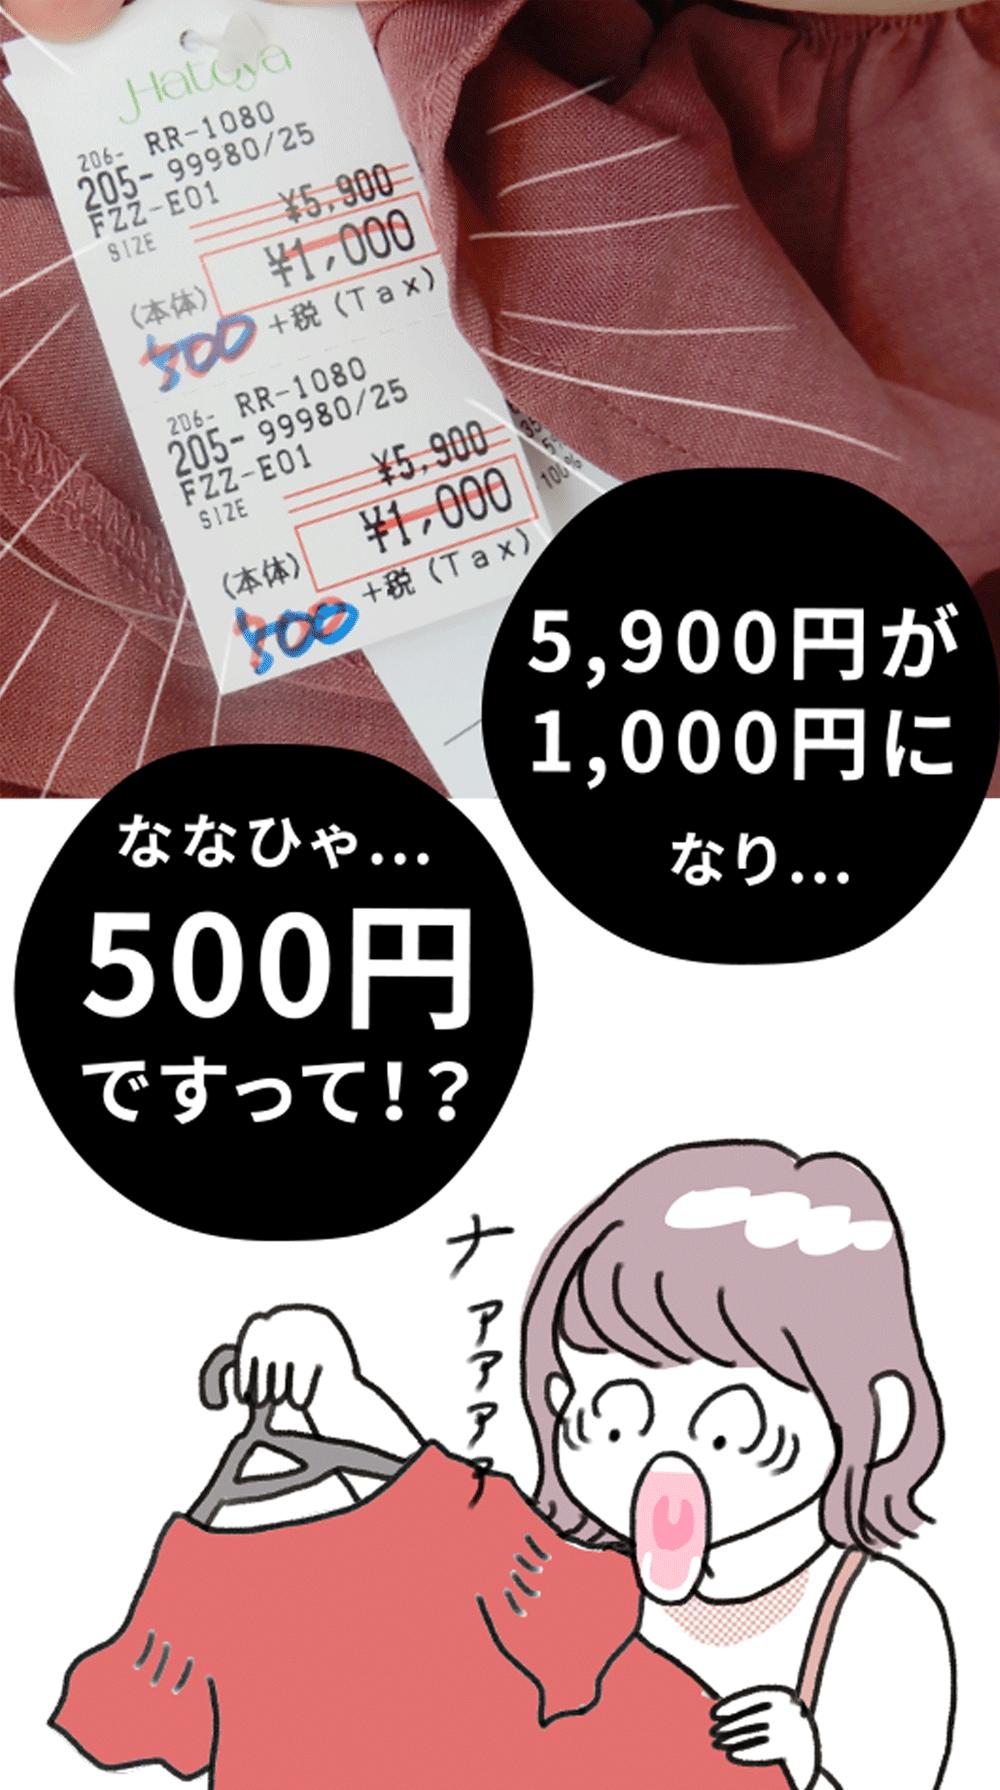 5,900円が1,000円になり...ななひゃ...500円ですって!?